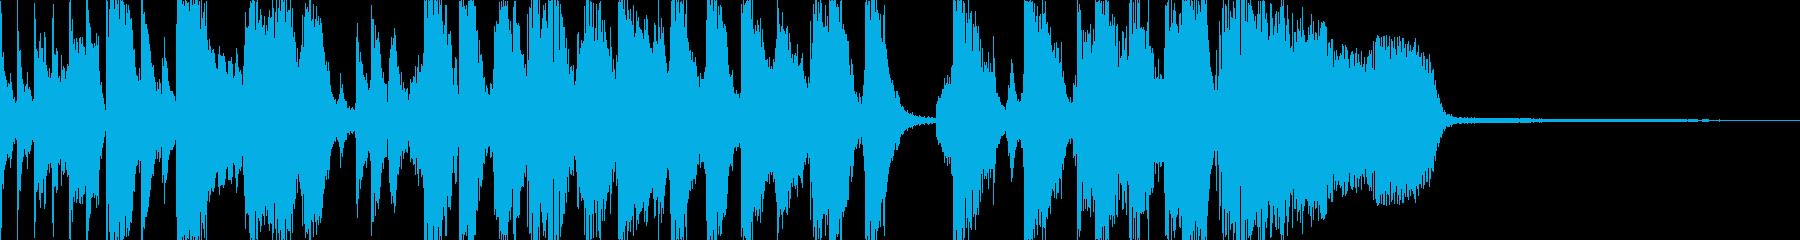 楽しげなRockのジングルの再生済みの波形